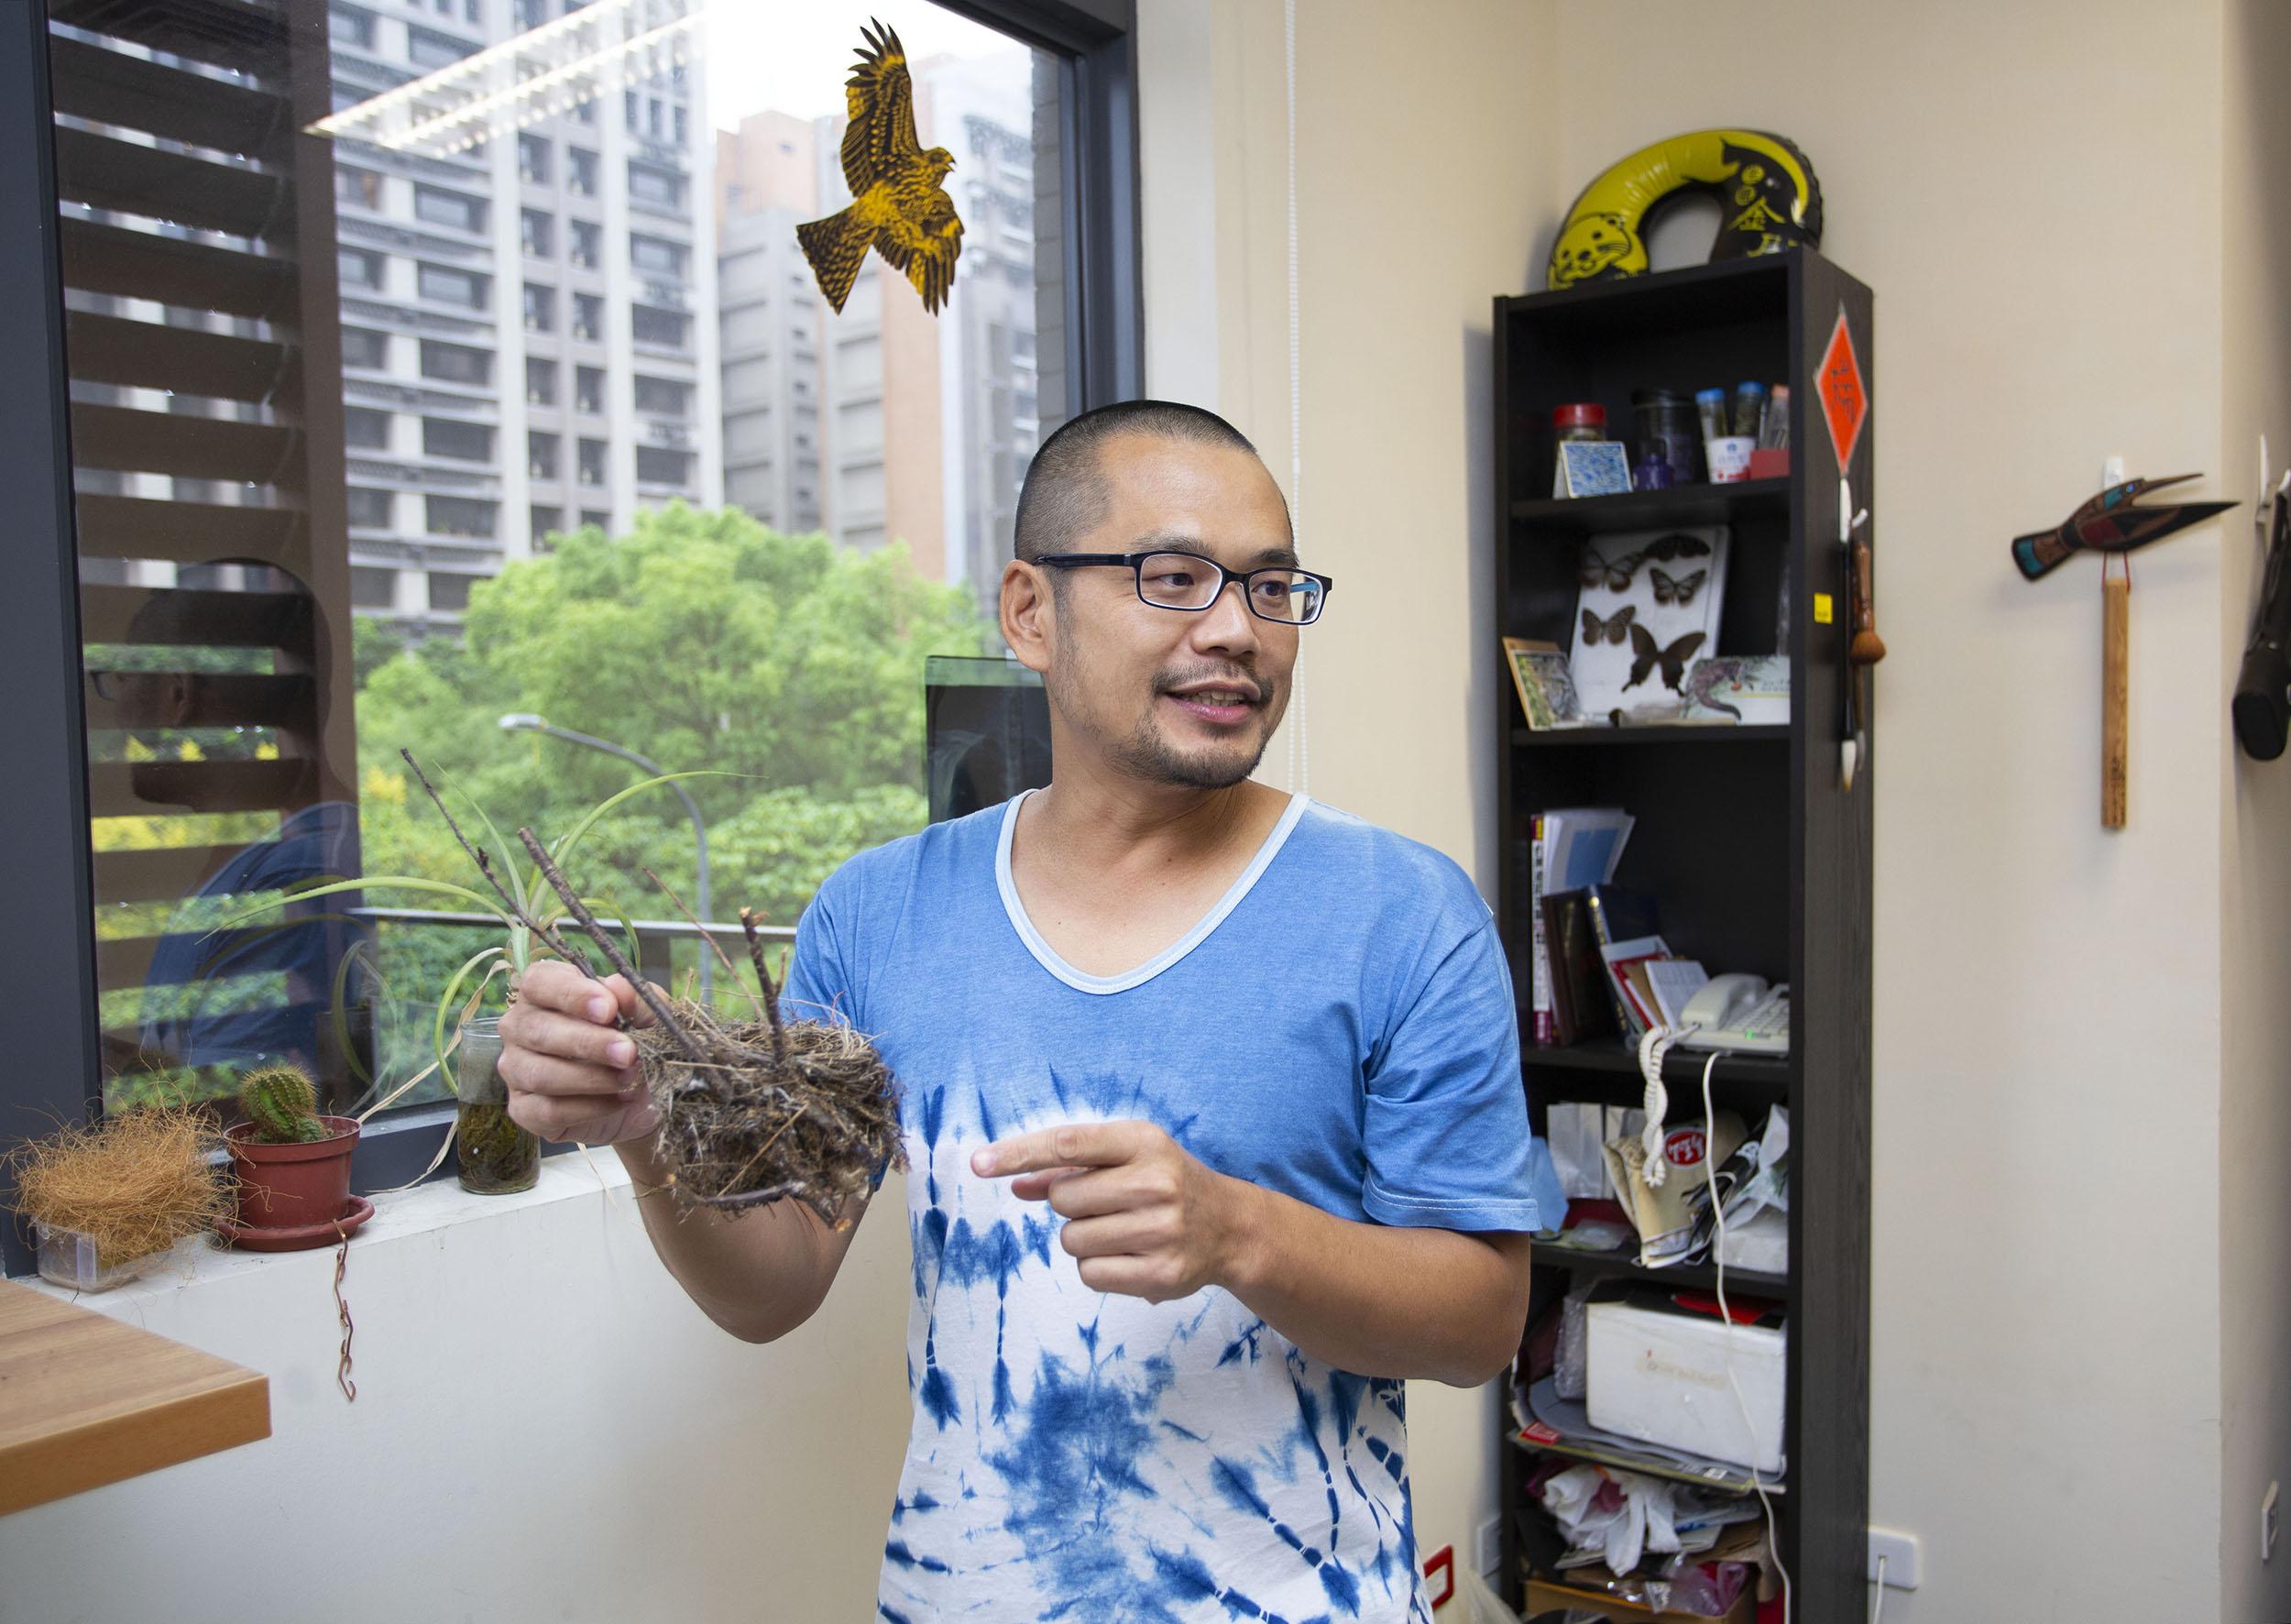 中研院生物多樣性研究中心洪志銘副研究員,對於鳥巢在適應環境上的變化相當感興趣,也是目前全世界研究鳥巢演化的先驅。圖│研之有物